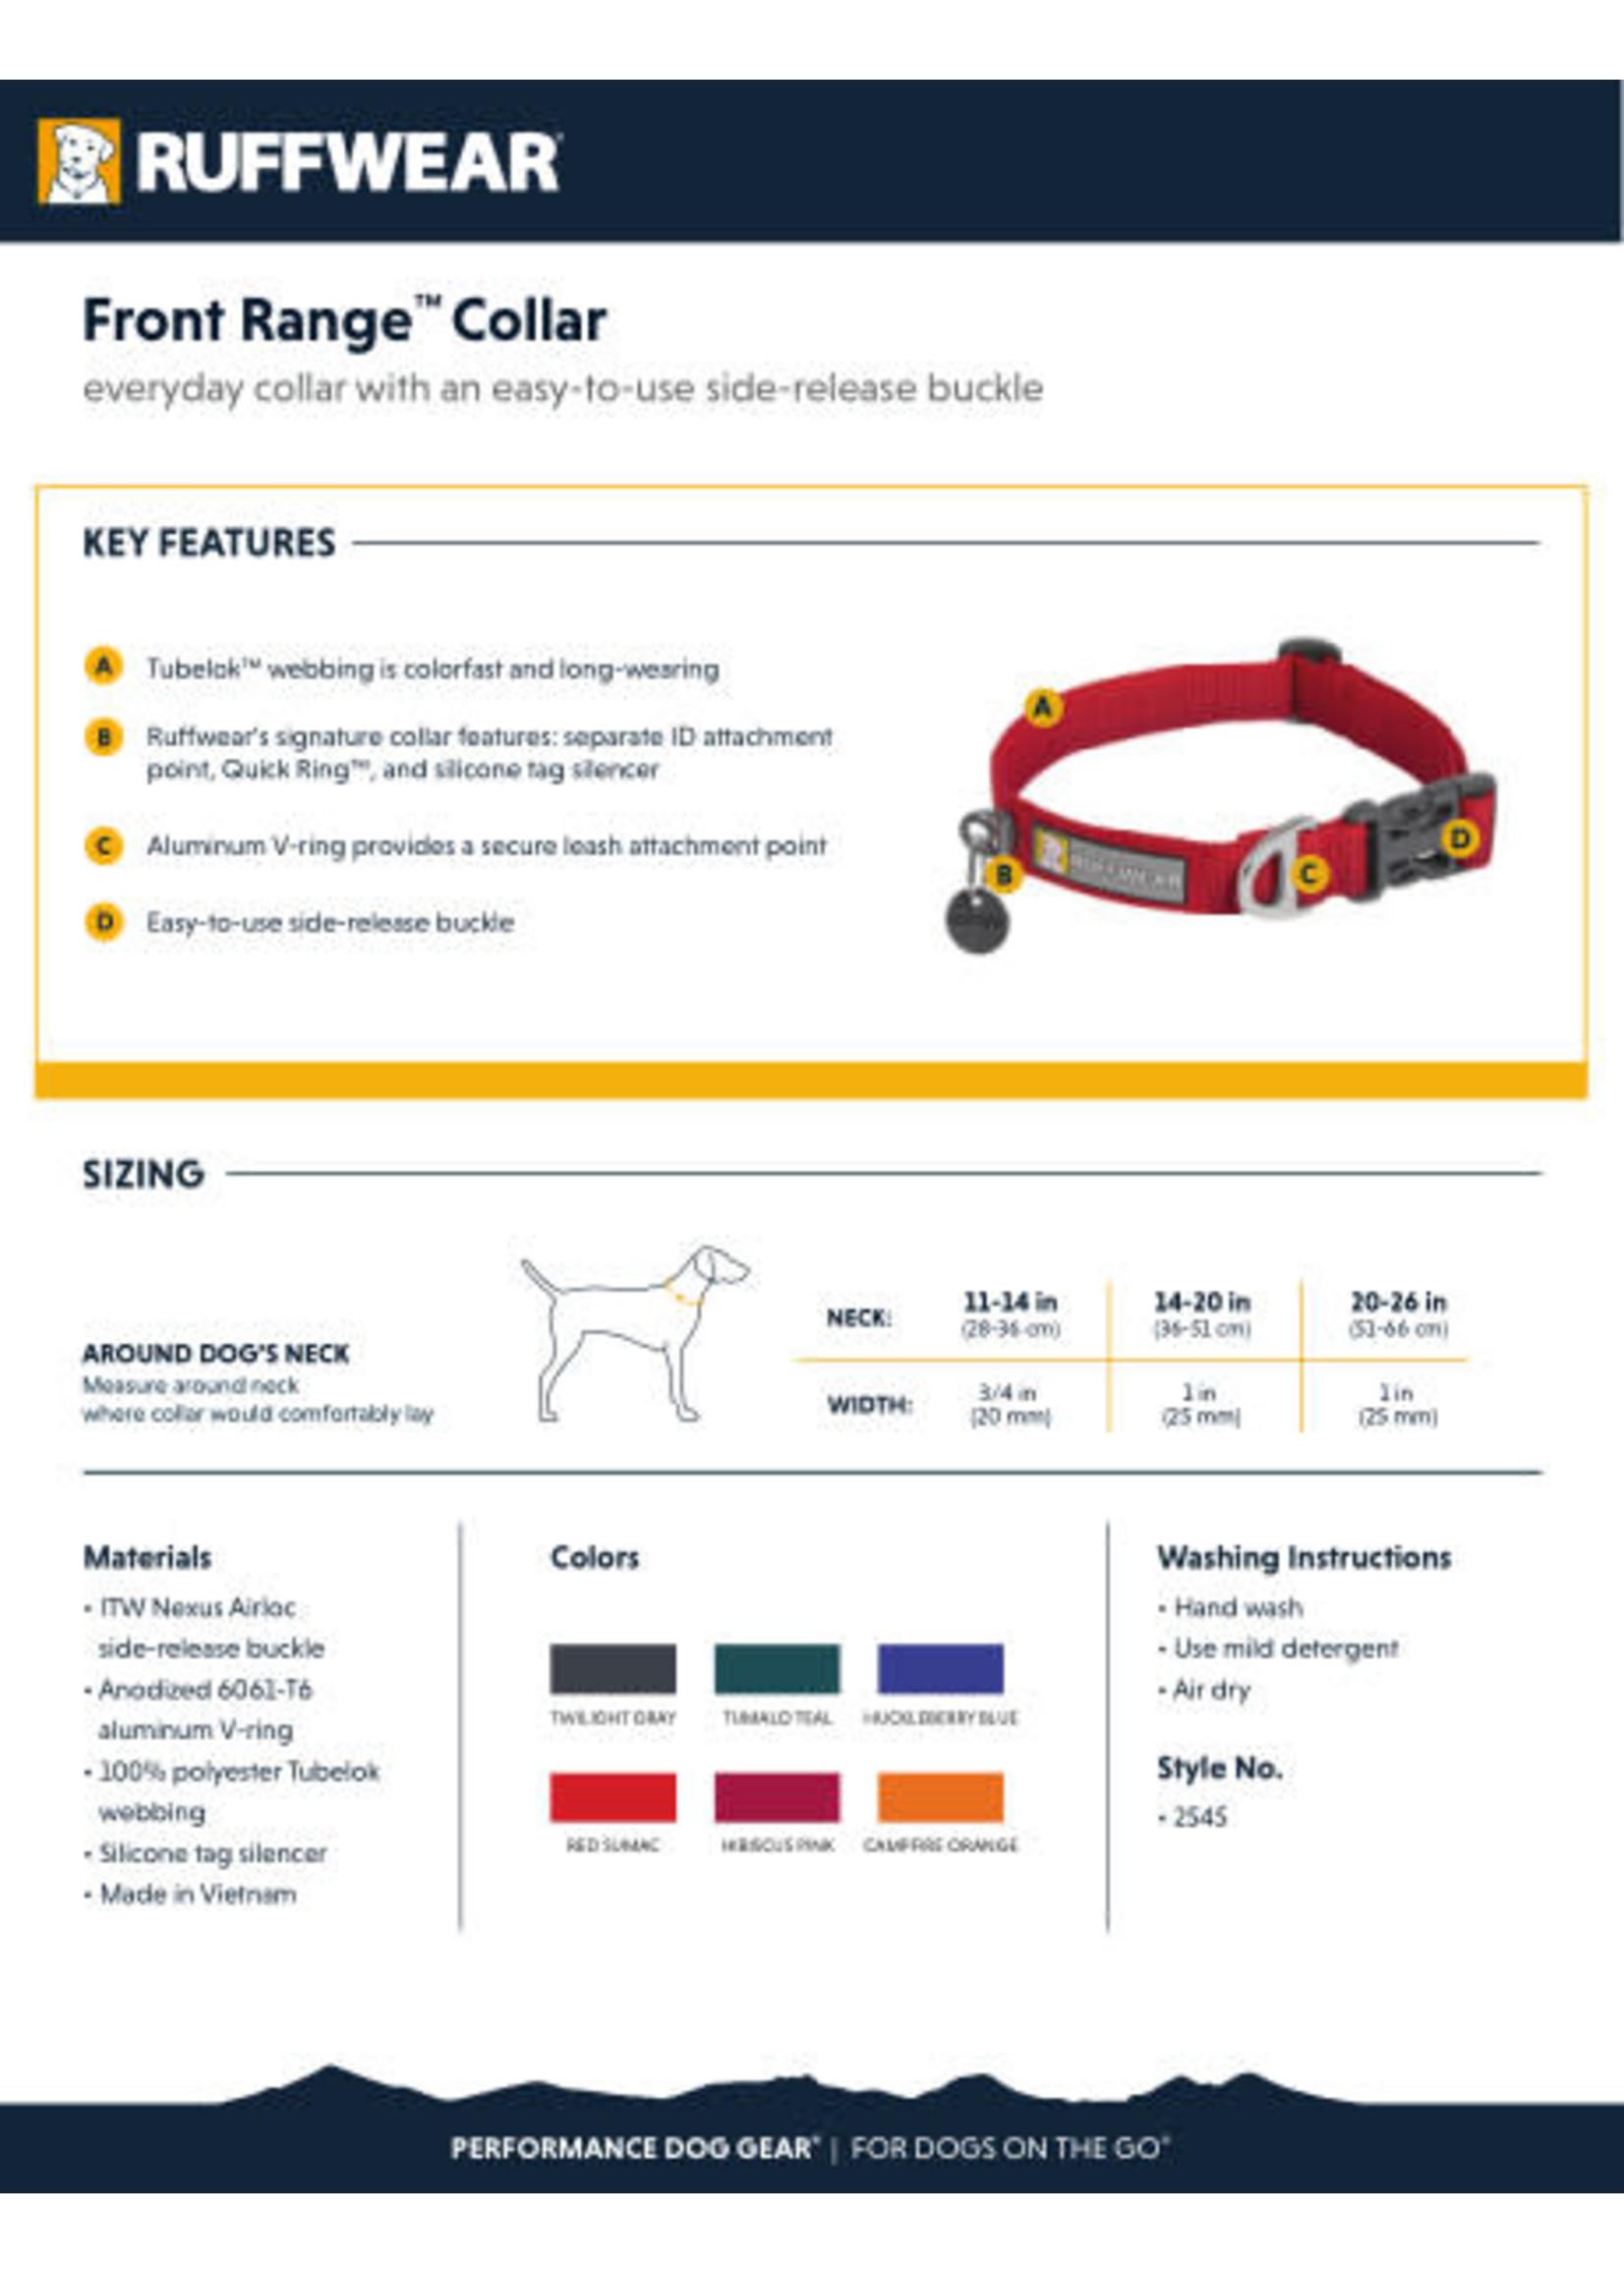 Ruffwear Ruffwear Front Range Collar